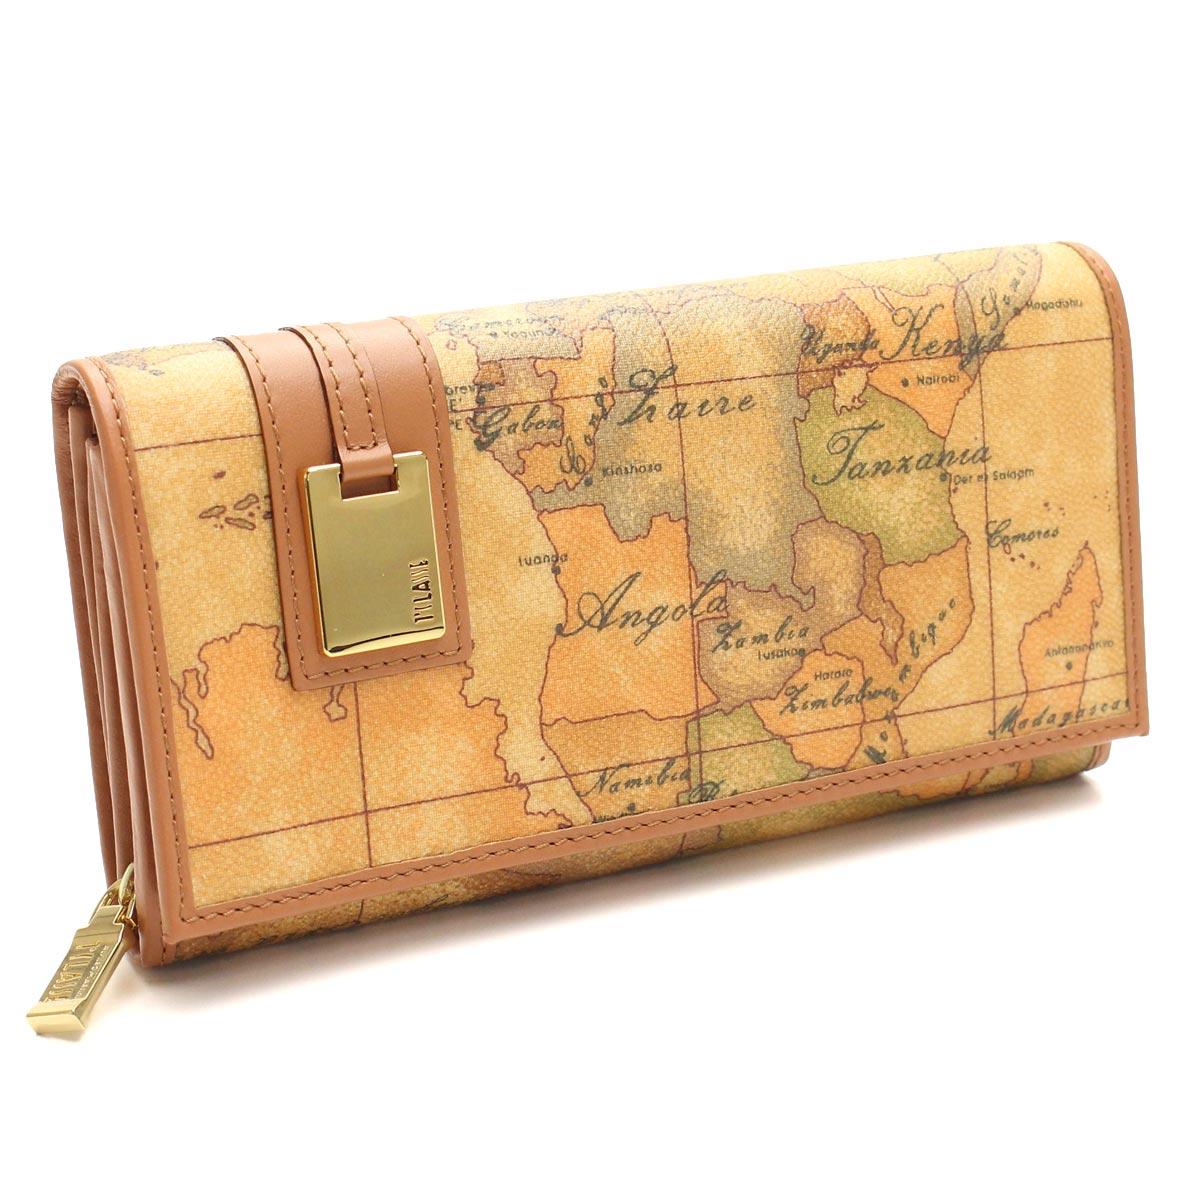 プリマクラッセ PRIMA CLASSE 財布 large Wallet二つ折り 長財布 小銭入付き W026 6000 ベージュ系/マルチカラー 地図柄 レディース